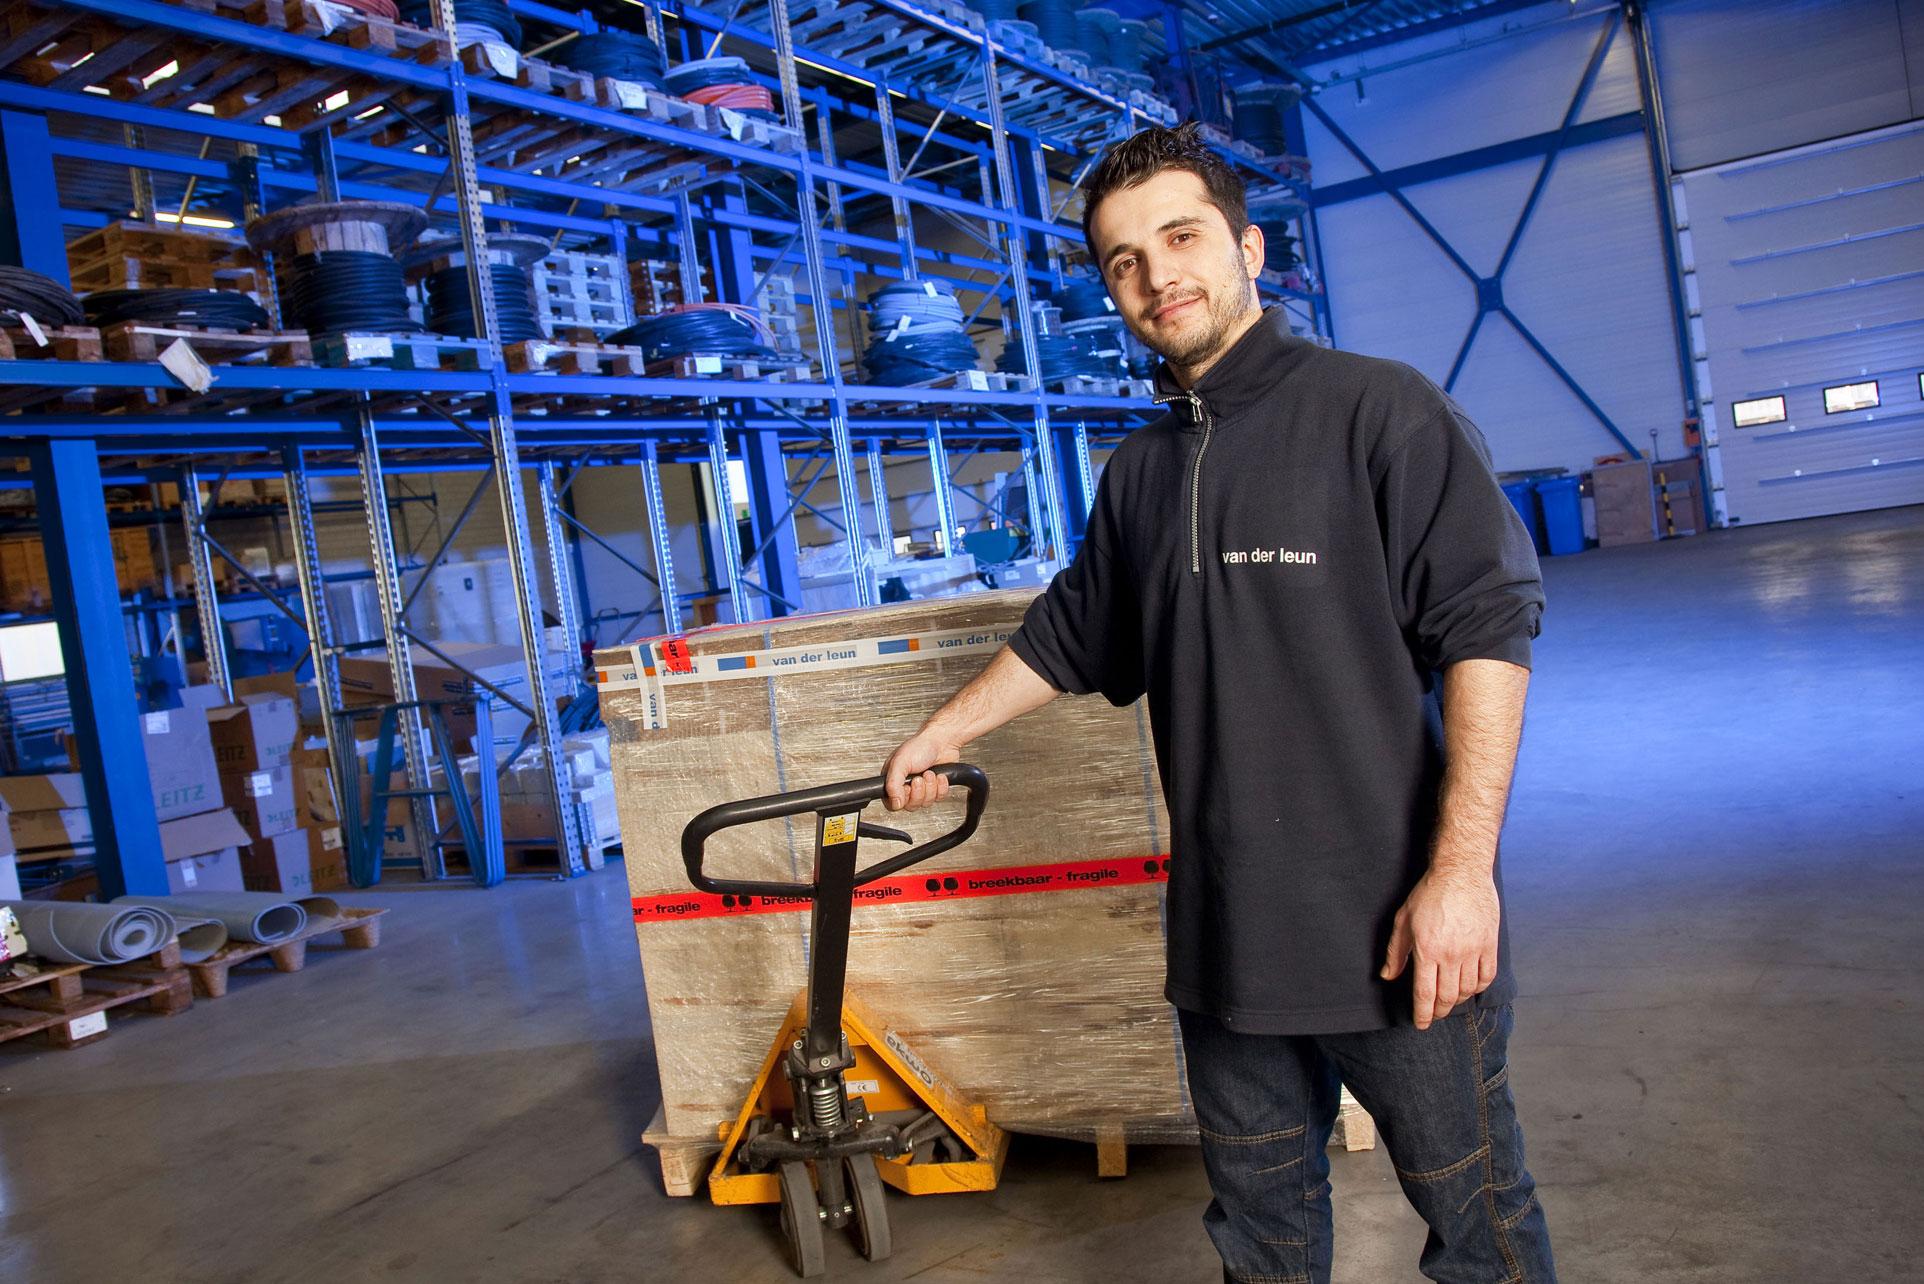 Specialist in electrical installations van der leun for Van der leun rijssen